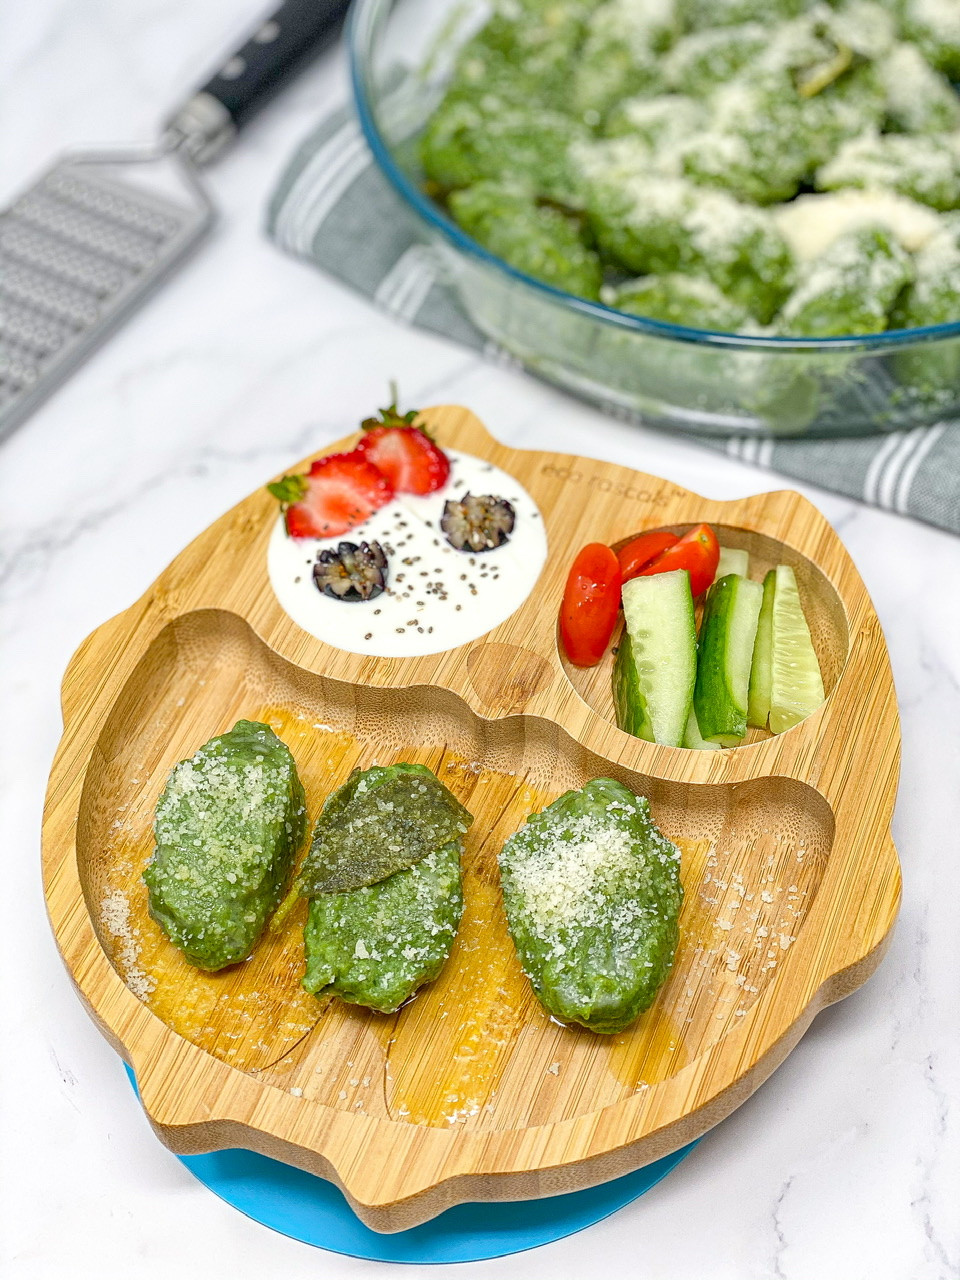 ITALIAN MALFATTI (spinach ricotta gnocchi)